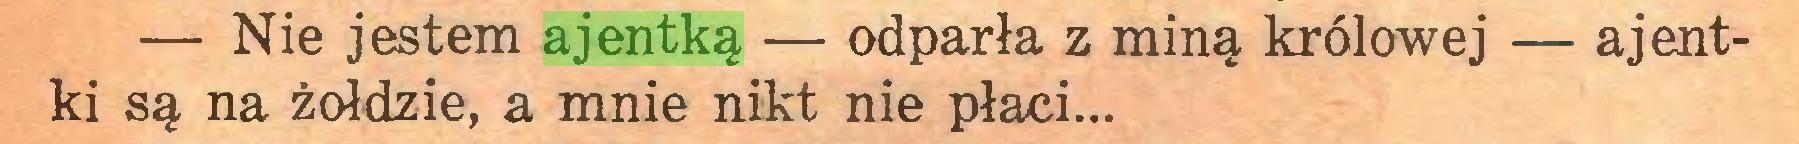 (...) — Nie jestem ajentką — odparła z miną królowej — ajentki są na żołdzie, a mnie nikt nie płaci...